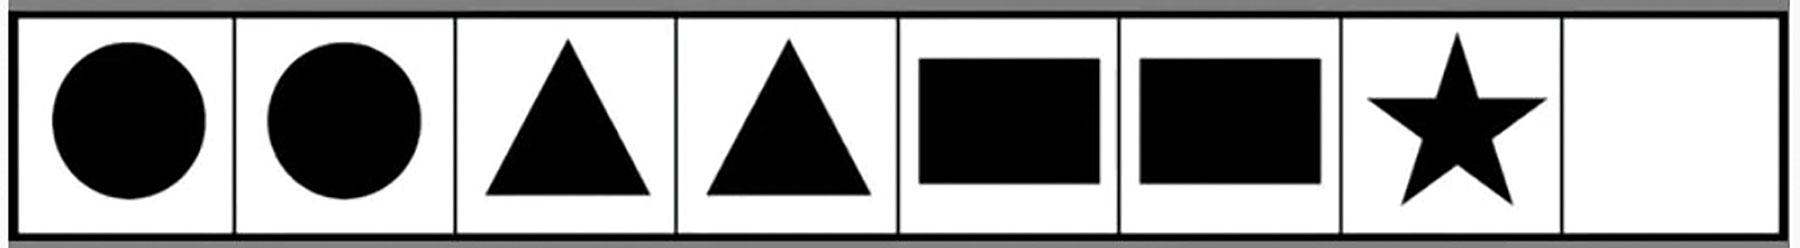 Meespeelpartituur afbeelding drumritme 5